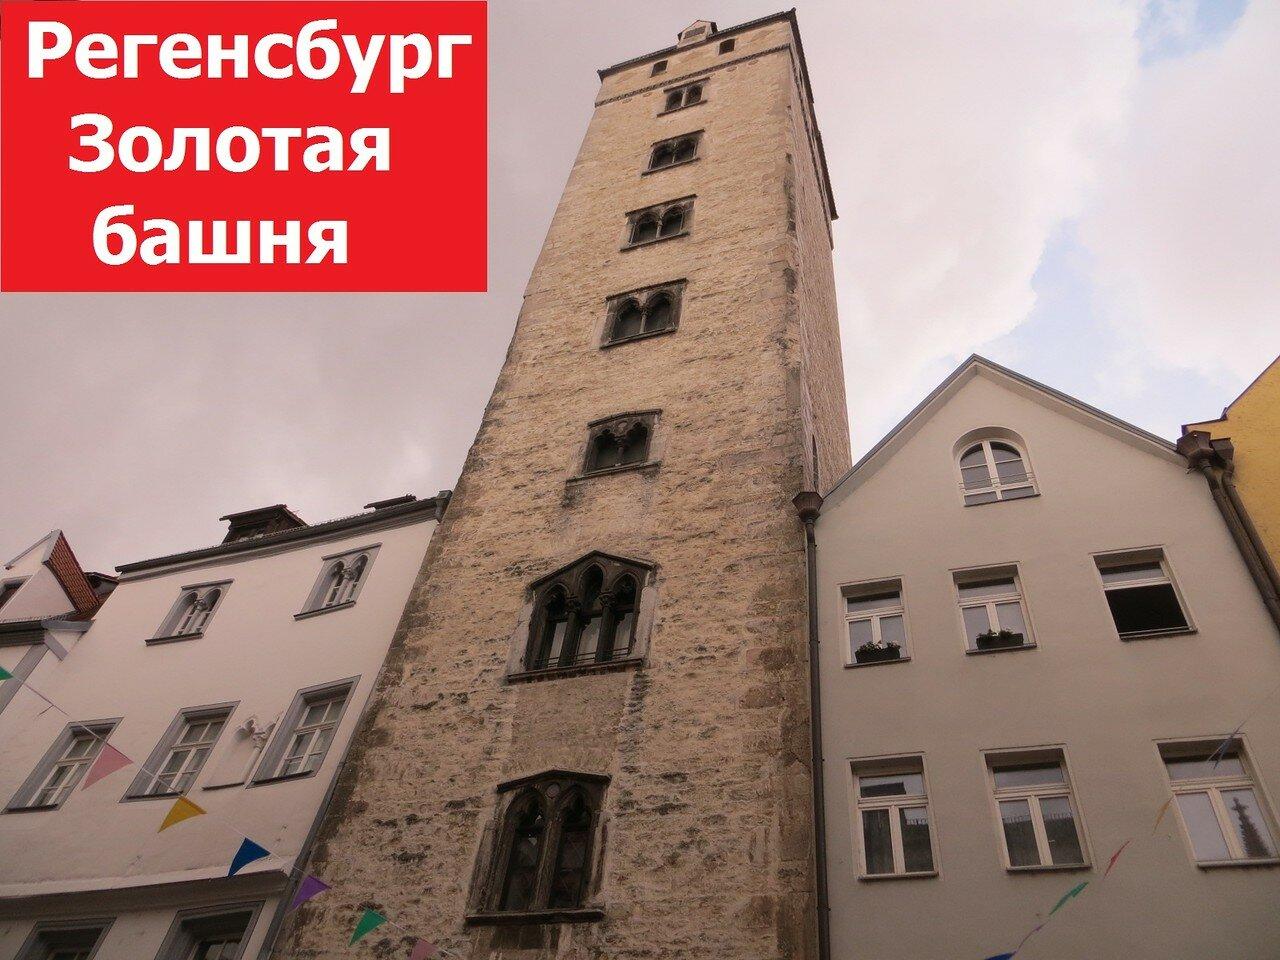 Регенсбург. Золотая башня - Der Goldene Turm. Аудио-видео-гид на русском языке